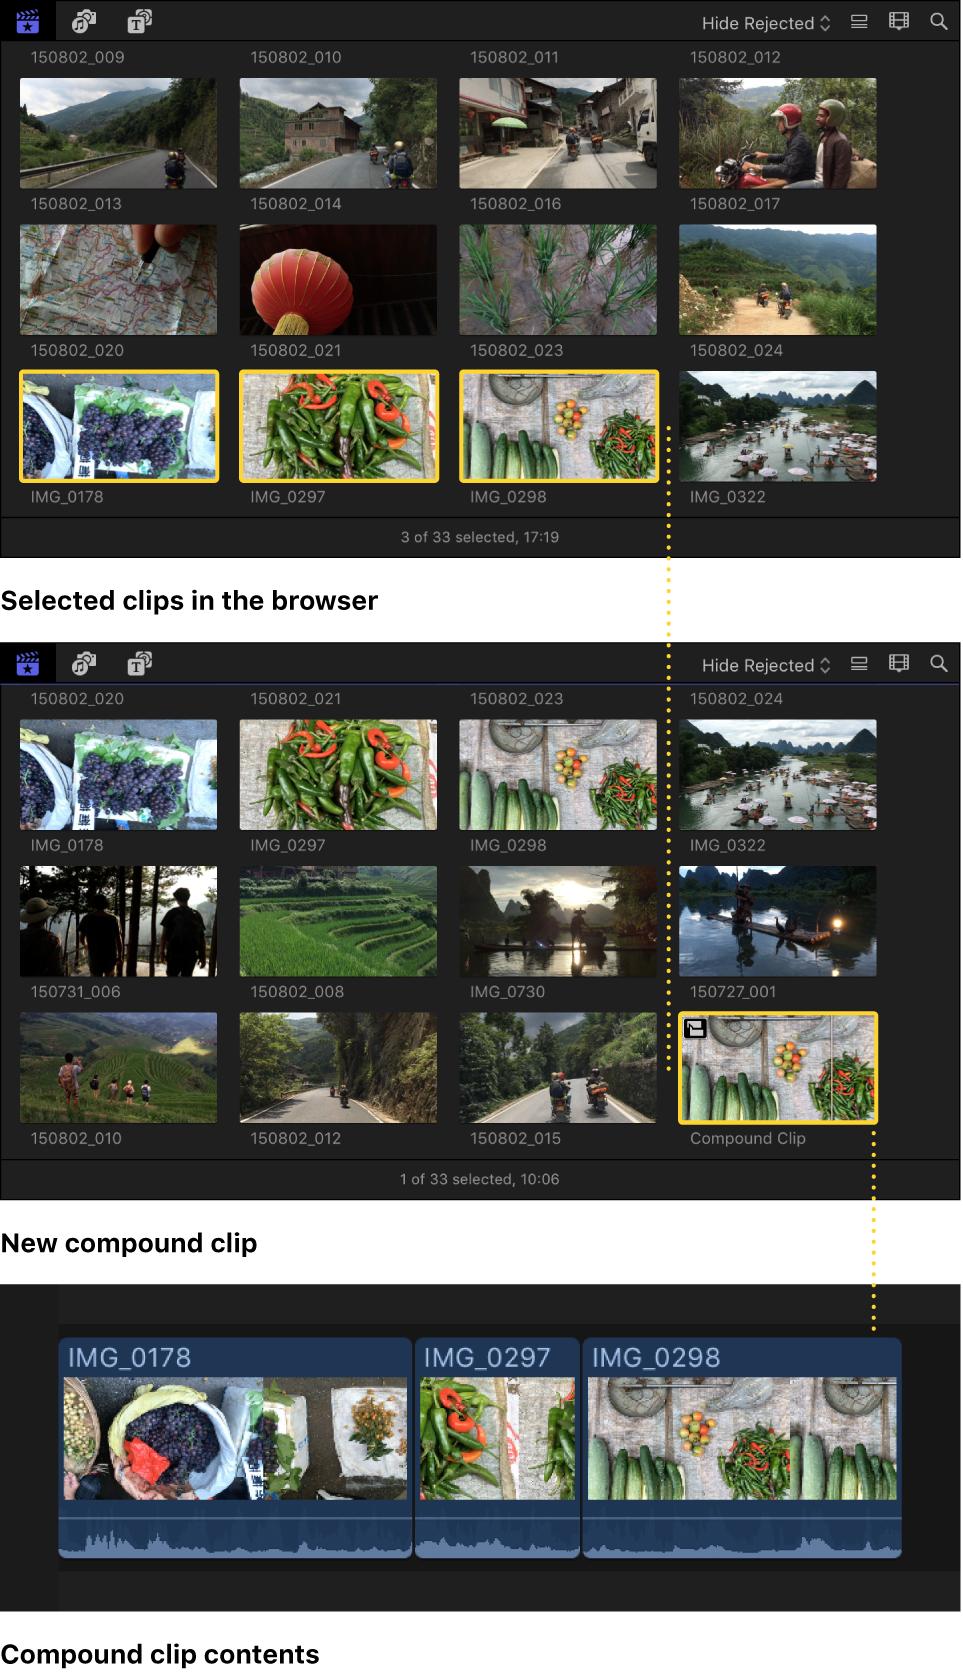 Un clip compuesto creado a partir de clips seleccionados en el explorador